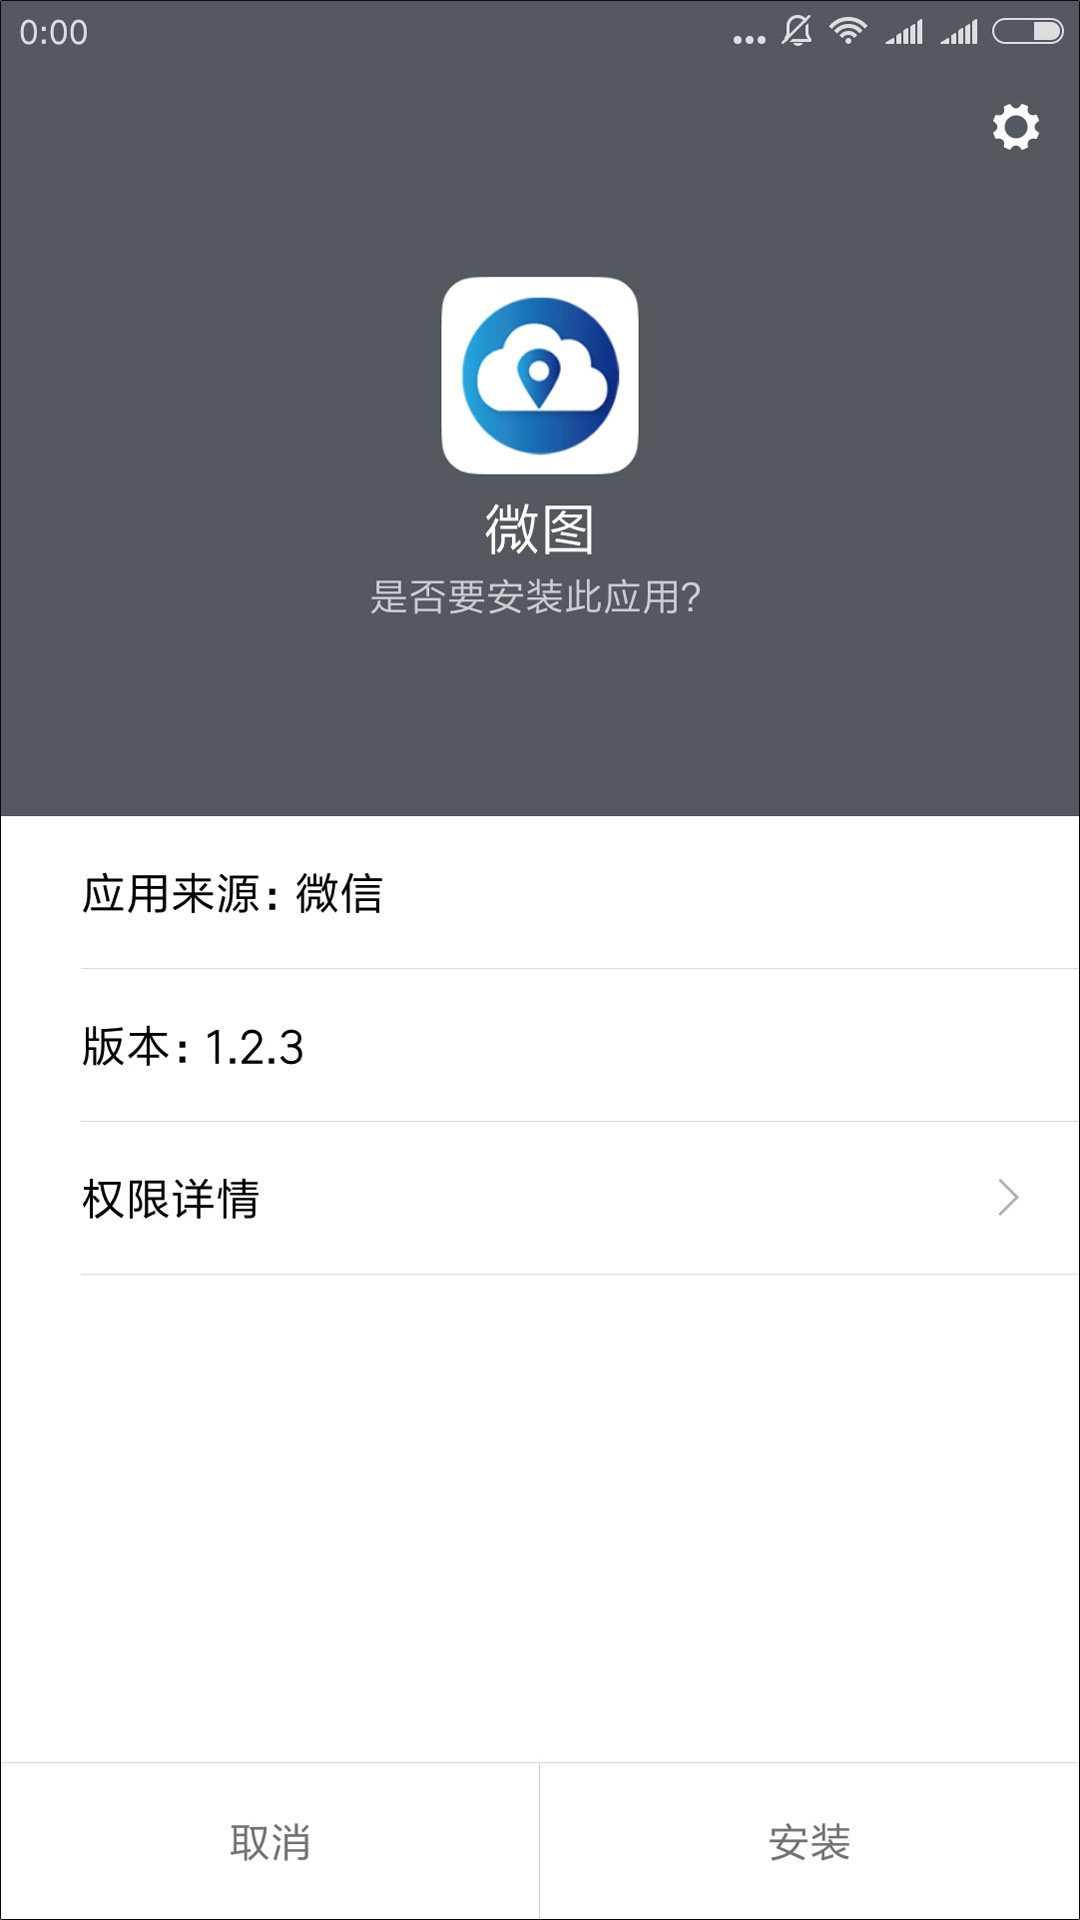 5微图APP下载安装.jpg